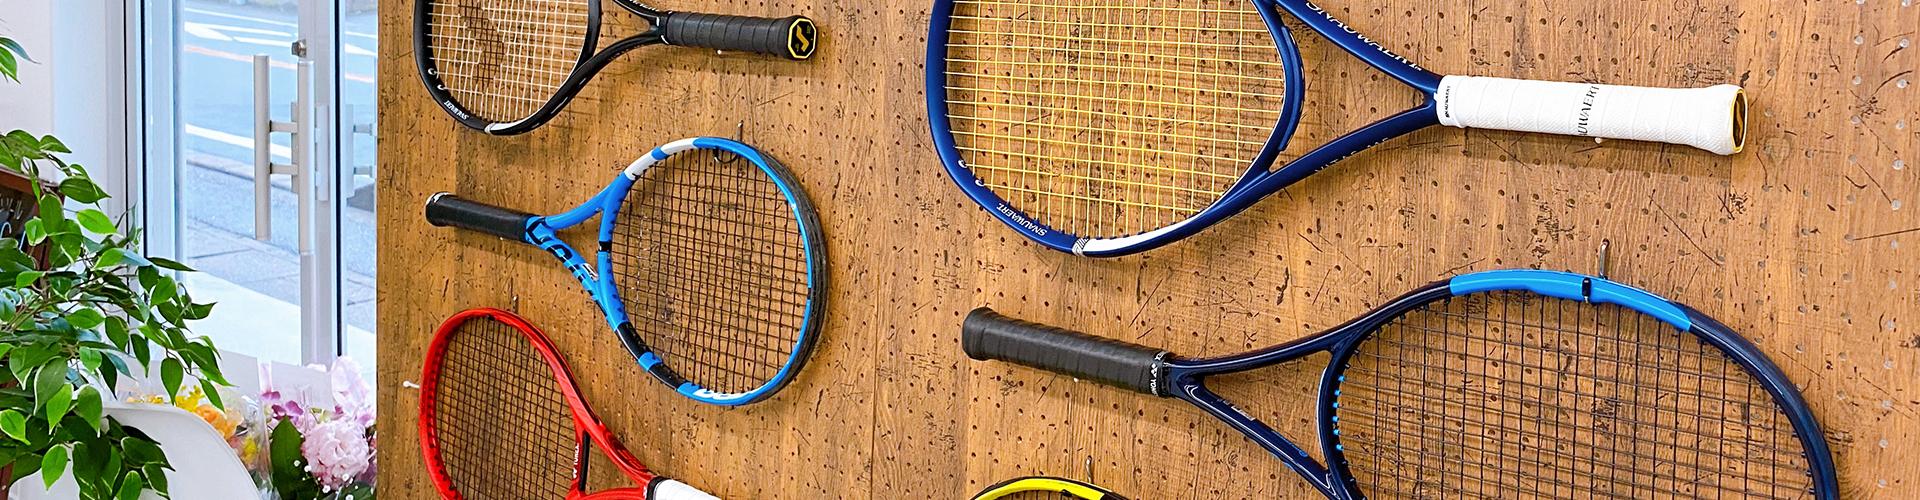 創業昭和52年、柏市のテニス専門店 ADO(アド)